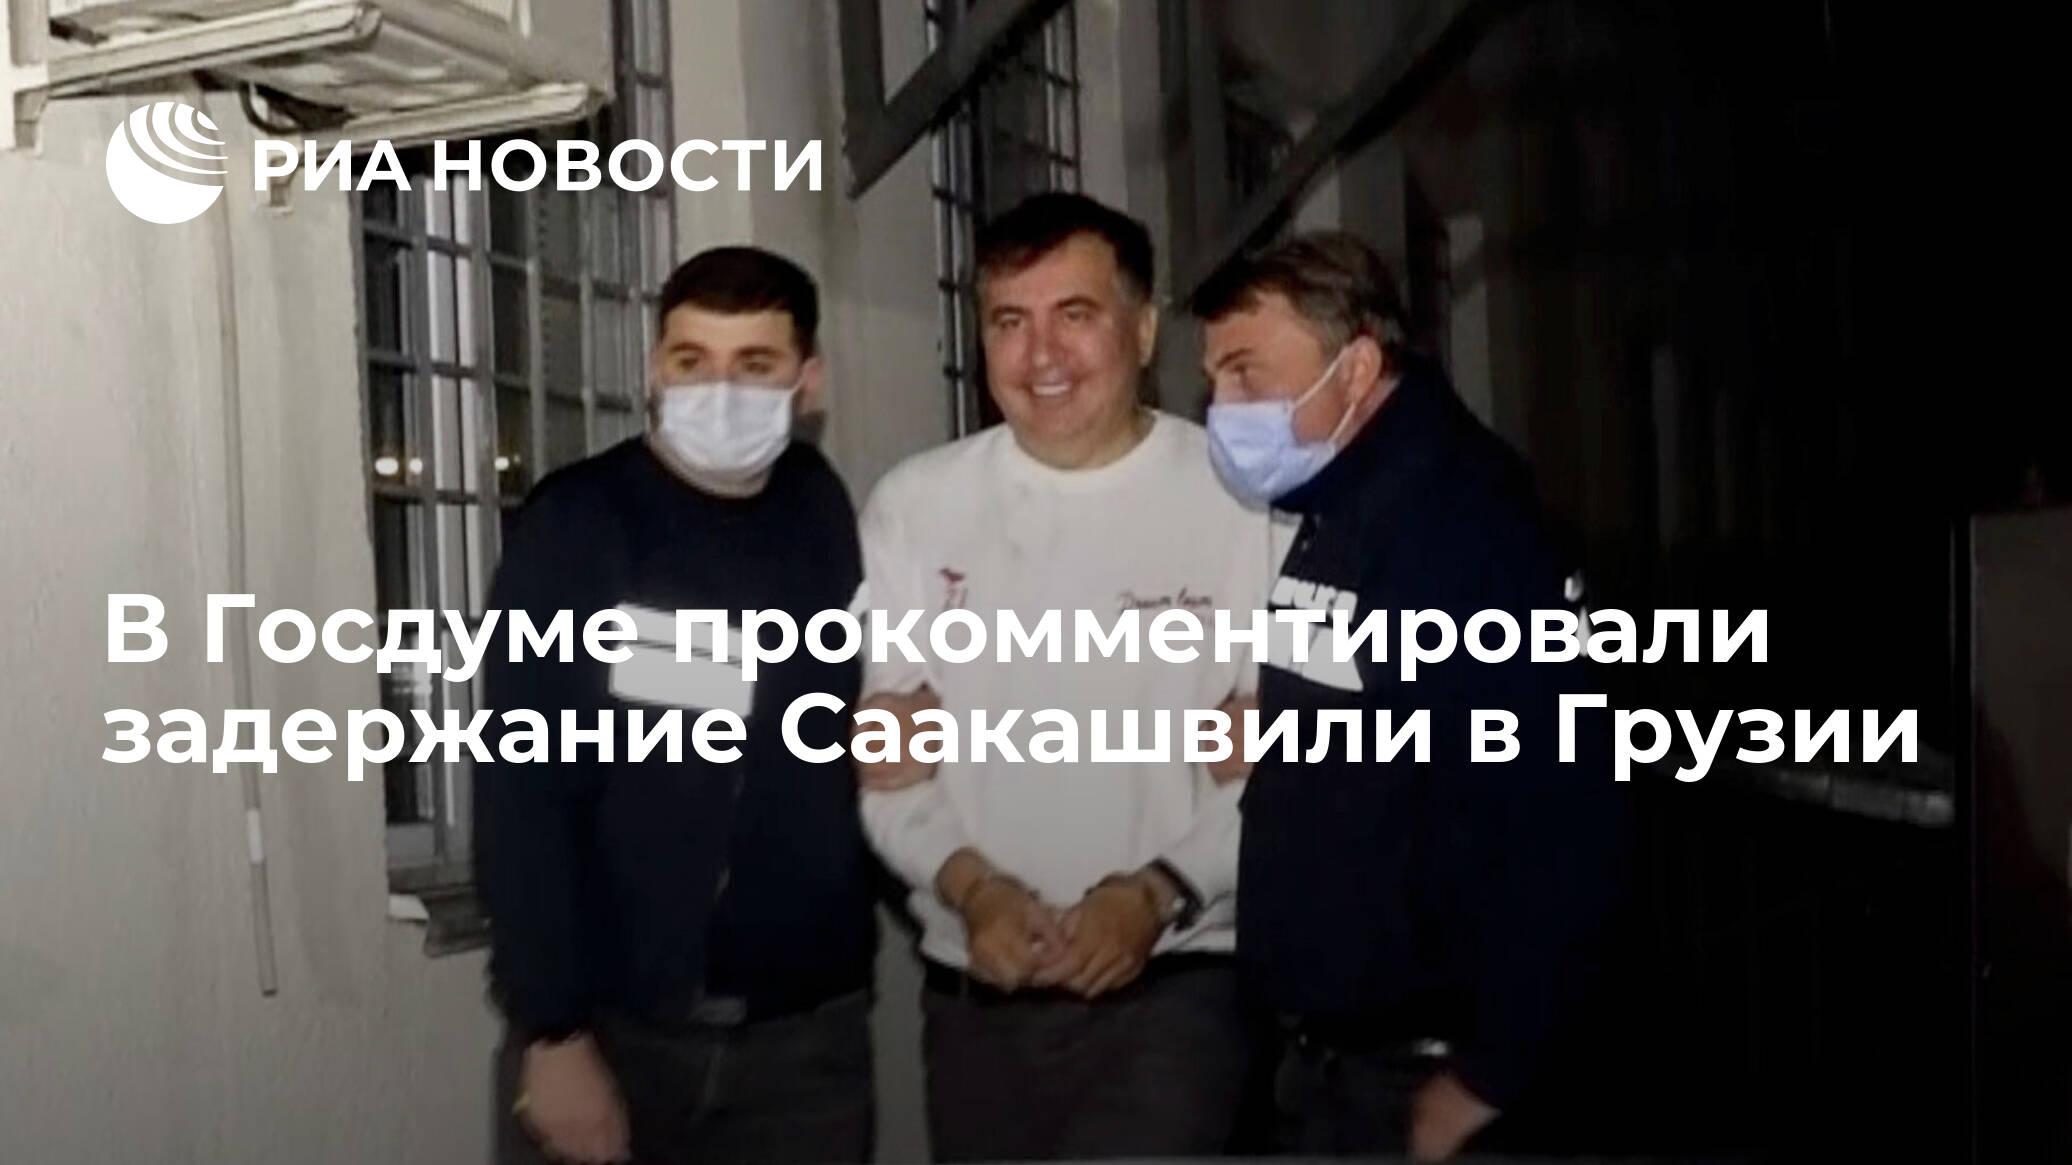 В Госдуме прокомментировали задержание Саакашвили в Грузии